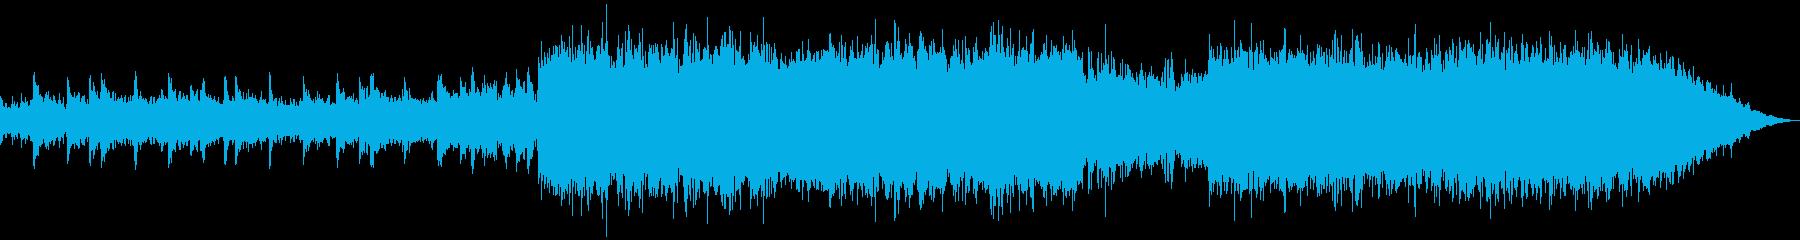 感傷に浸りたいときの切ないBGMの再生済みの波形